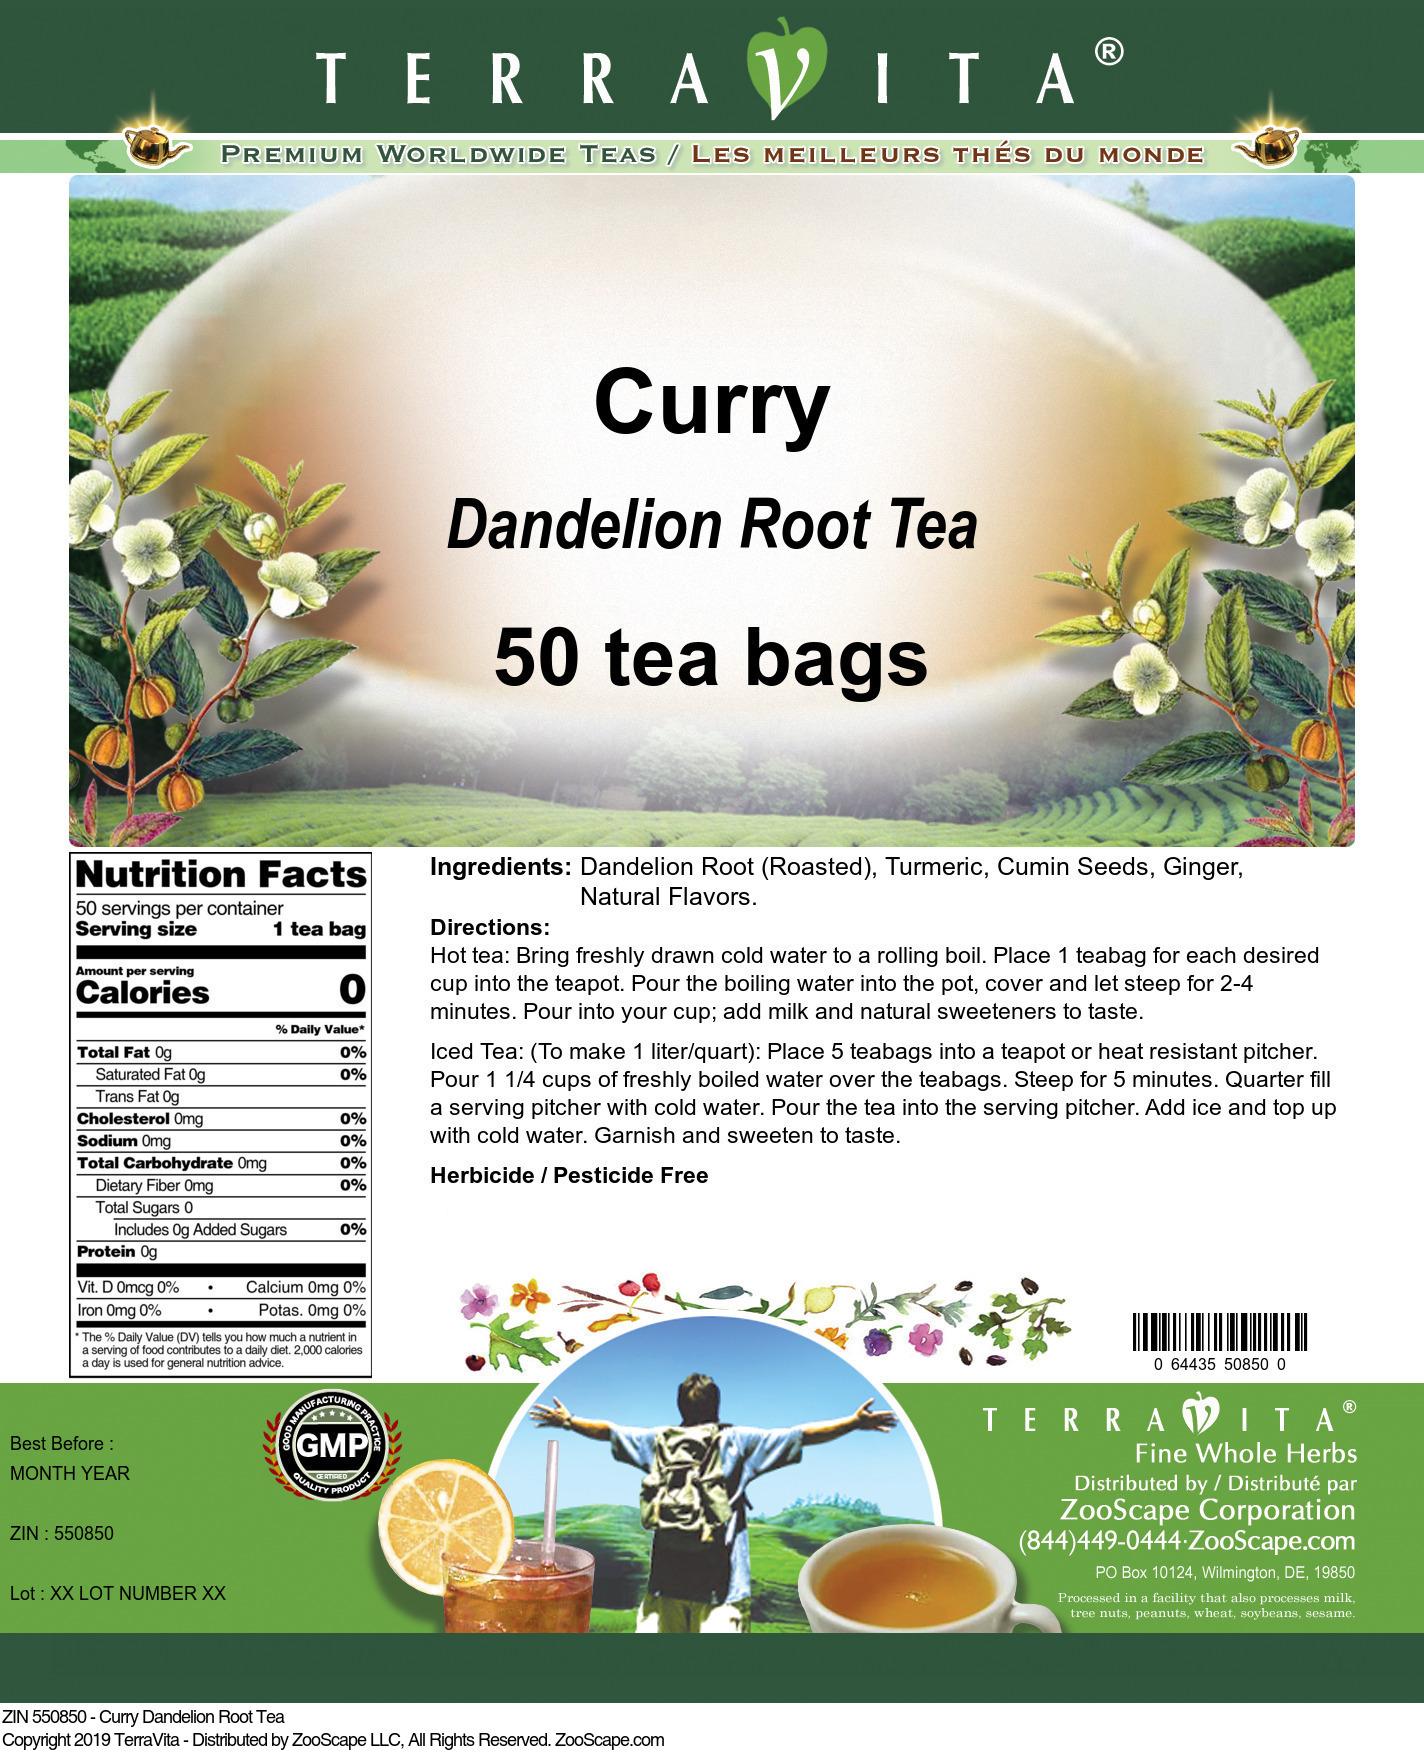 Curry Dandelion Root Tea